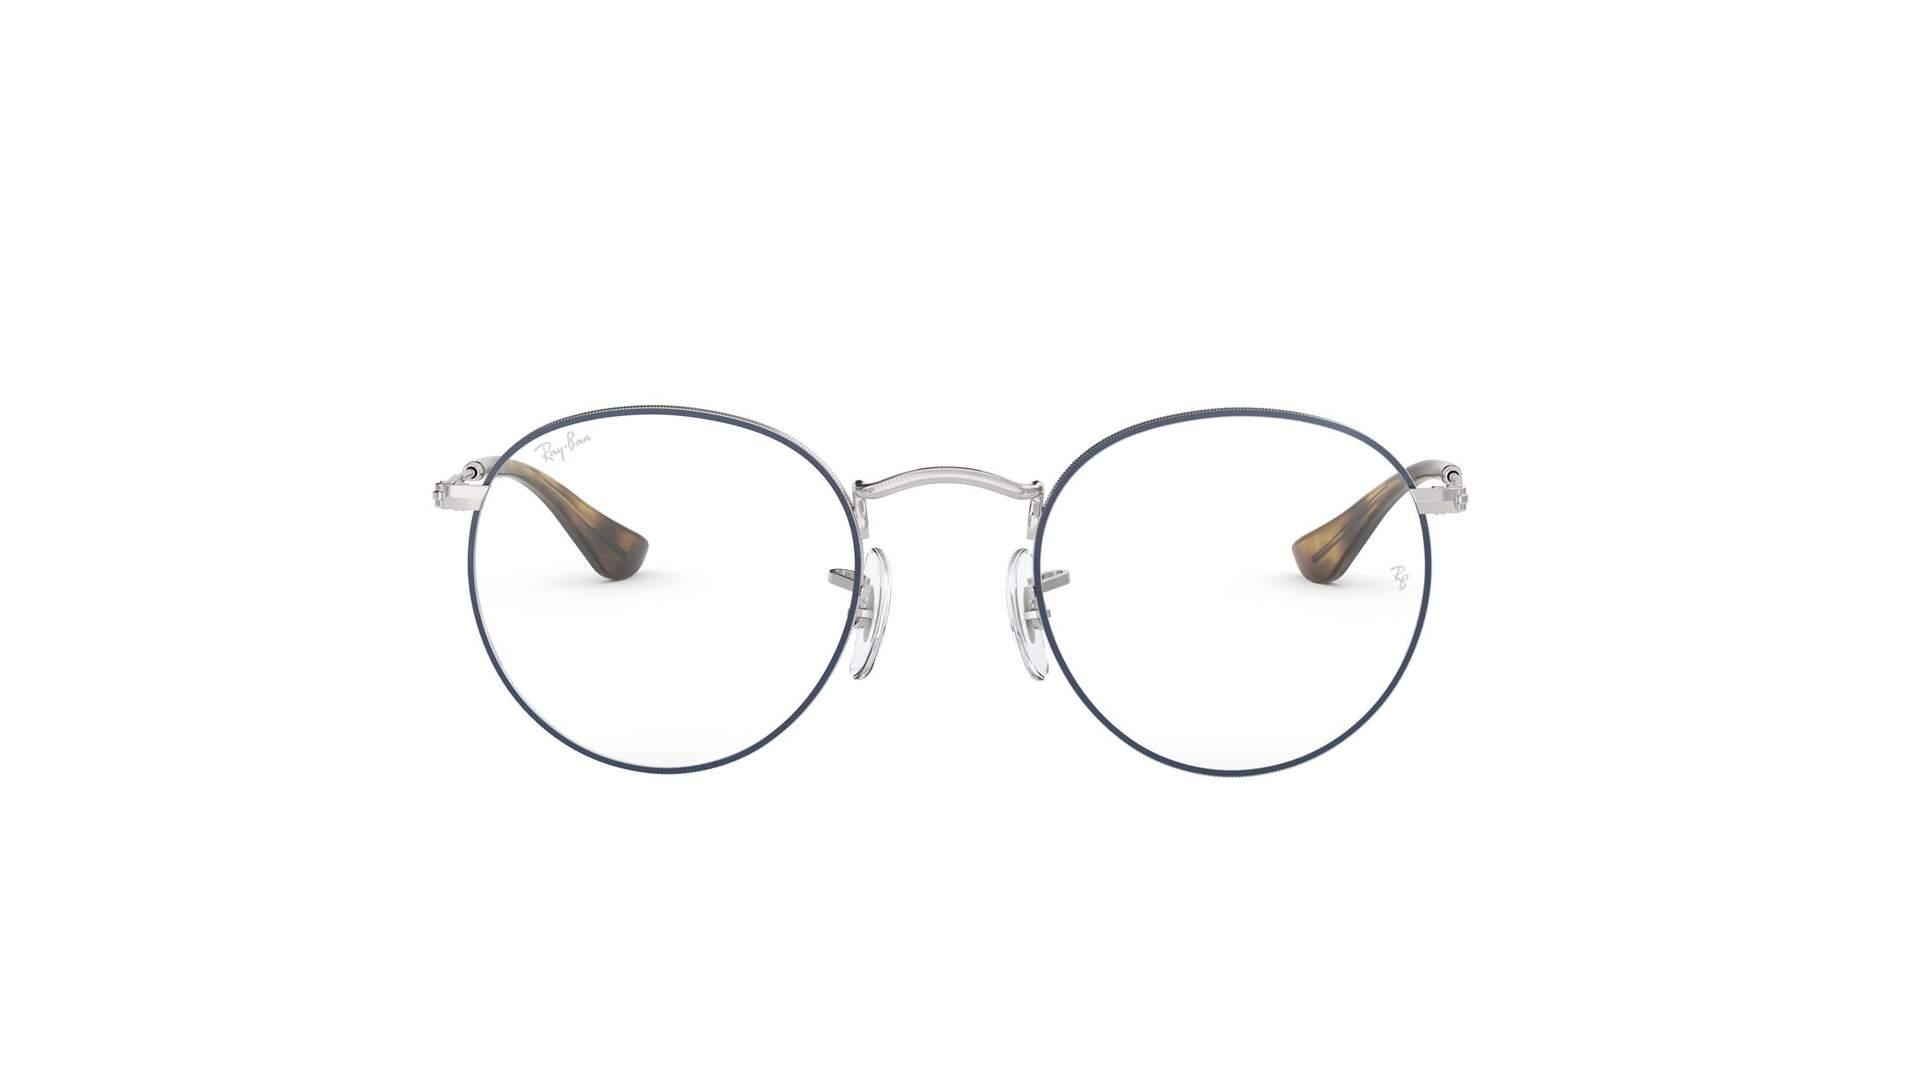 606b741c9 Eyeglasses Ray-Ban Round Metal Blue Mat RX3447V 2970 47-21 Small